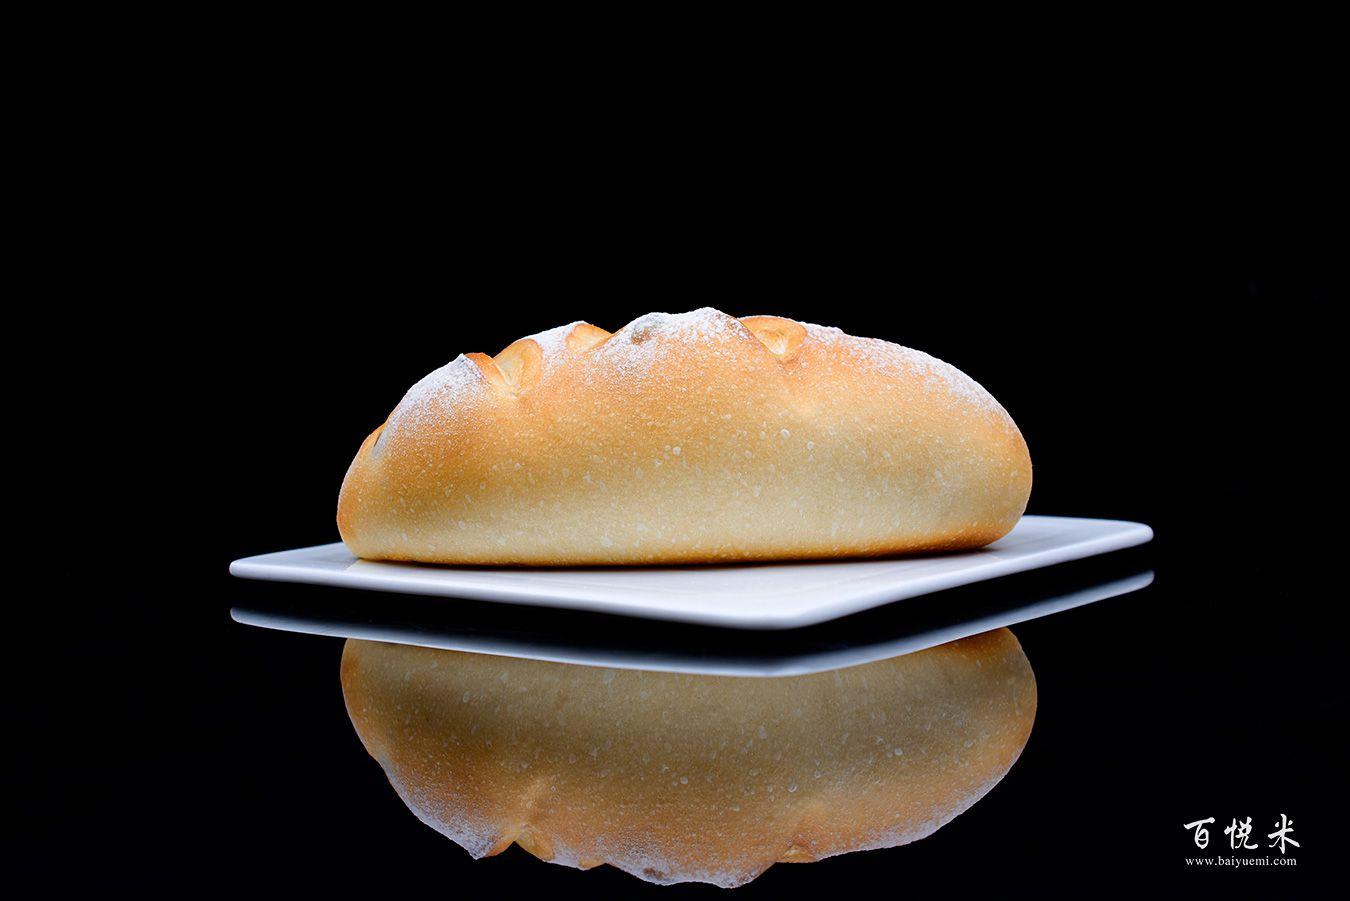 蔓越莓面包高清图片大全【蛋糕图片】_534